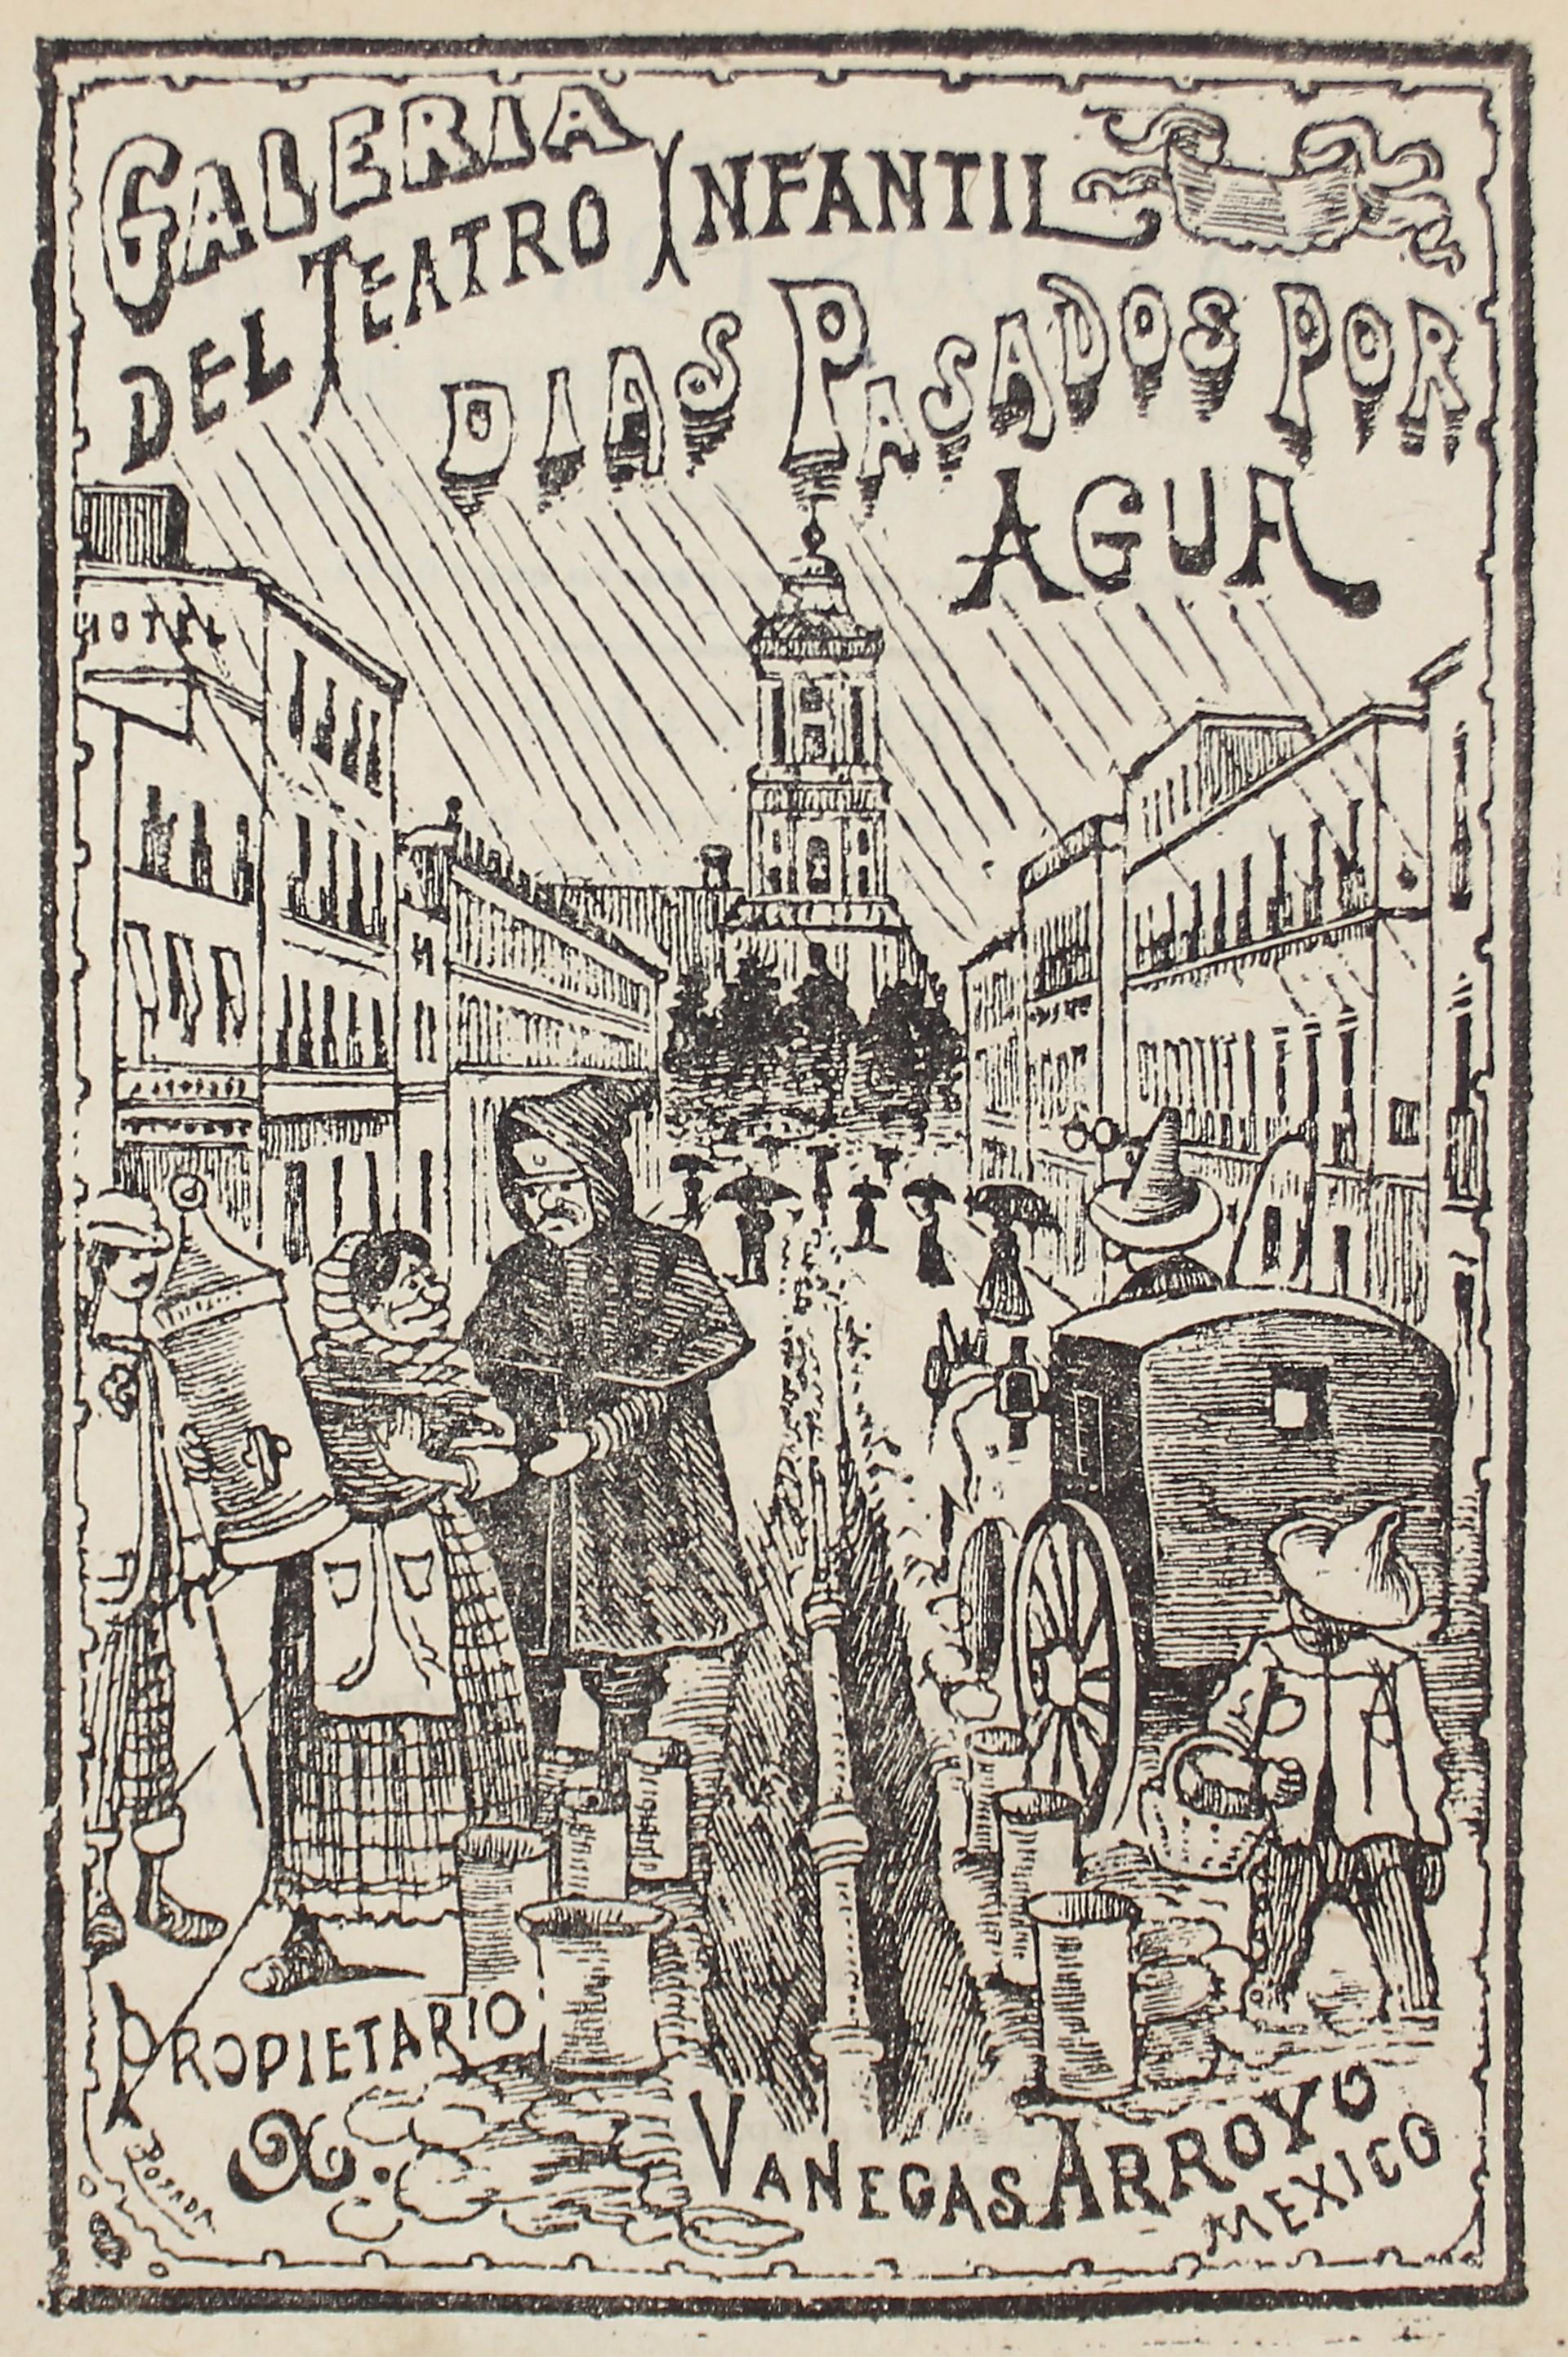 Galeria del Teatro Infantil: Dias Pasados Por Agua by José Guadalupe Posada (1852 - 1913)